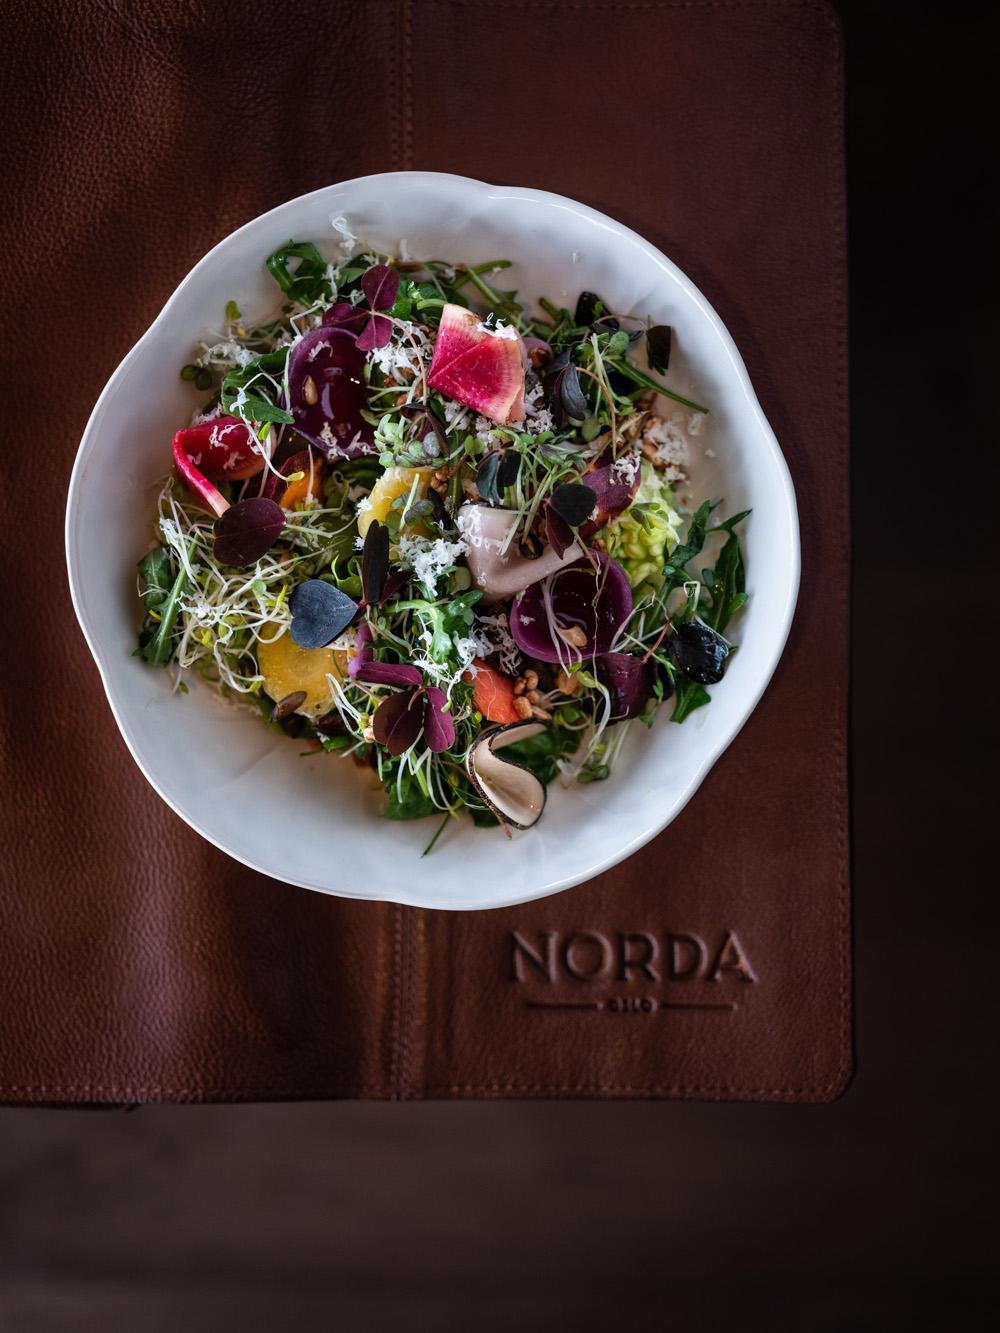 Norda restaurant oslo The Hub fotograf Mats Dreyer salat fra taket